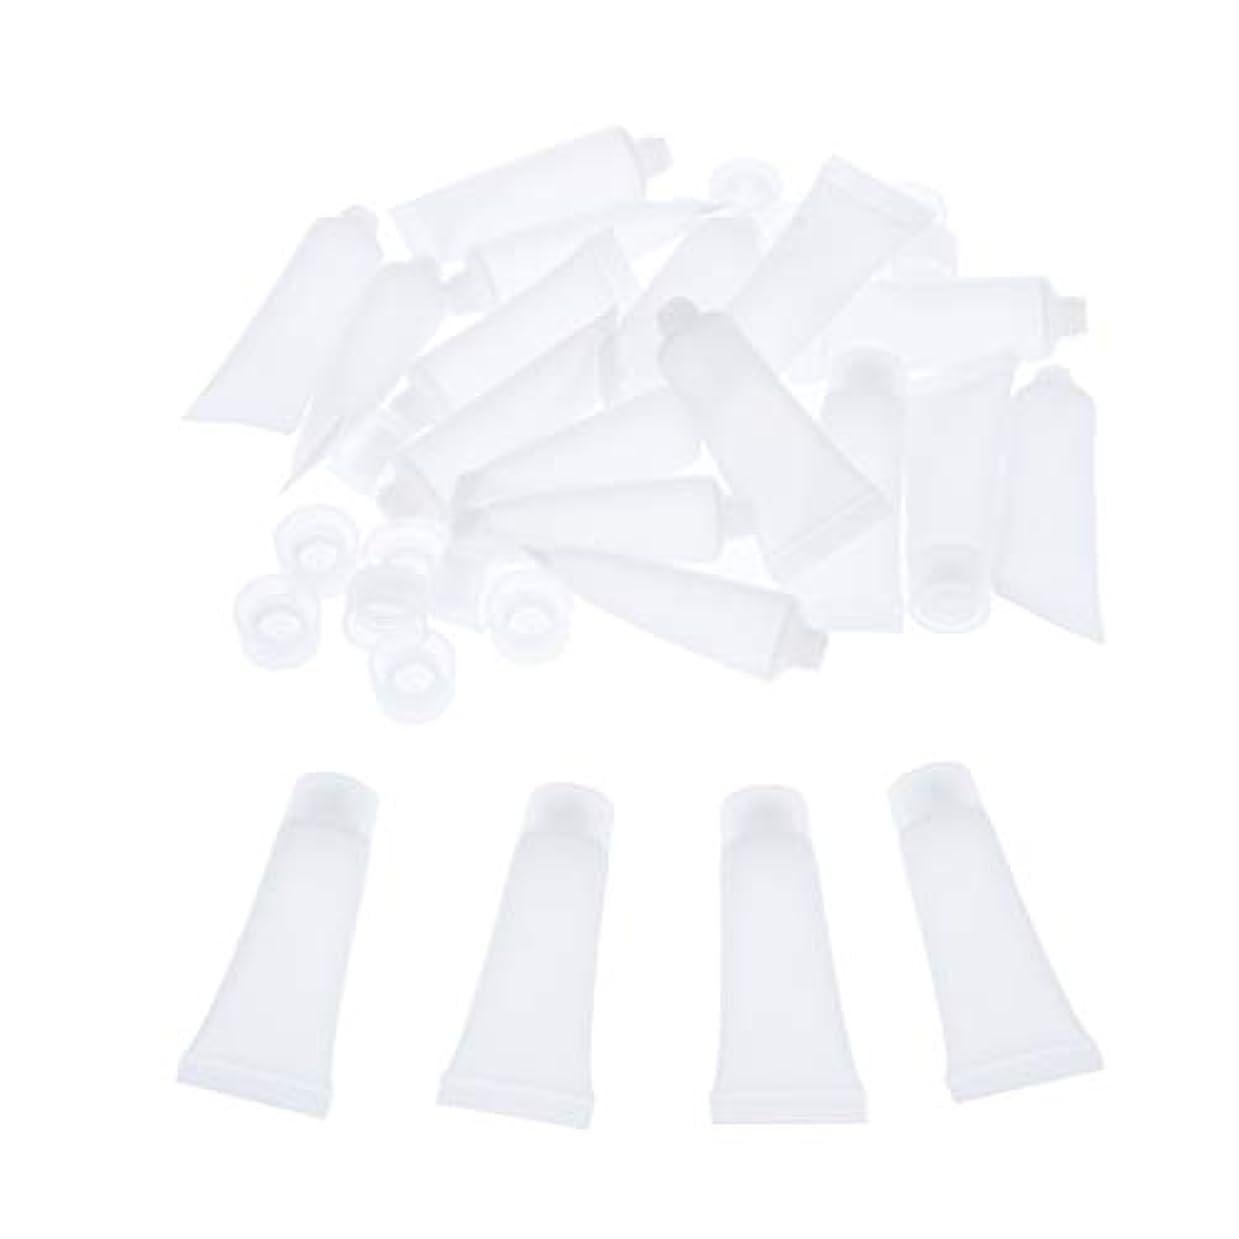 スタウト先元気な化粧品チューブ 化粧瓶 空ボルト 広い口 クリーム チューブ 詰め替え 化粧品ボトル 約20個入り 全4サイズ - 15ml